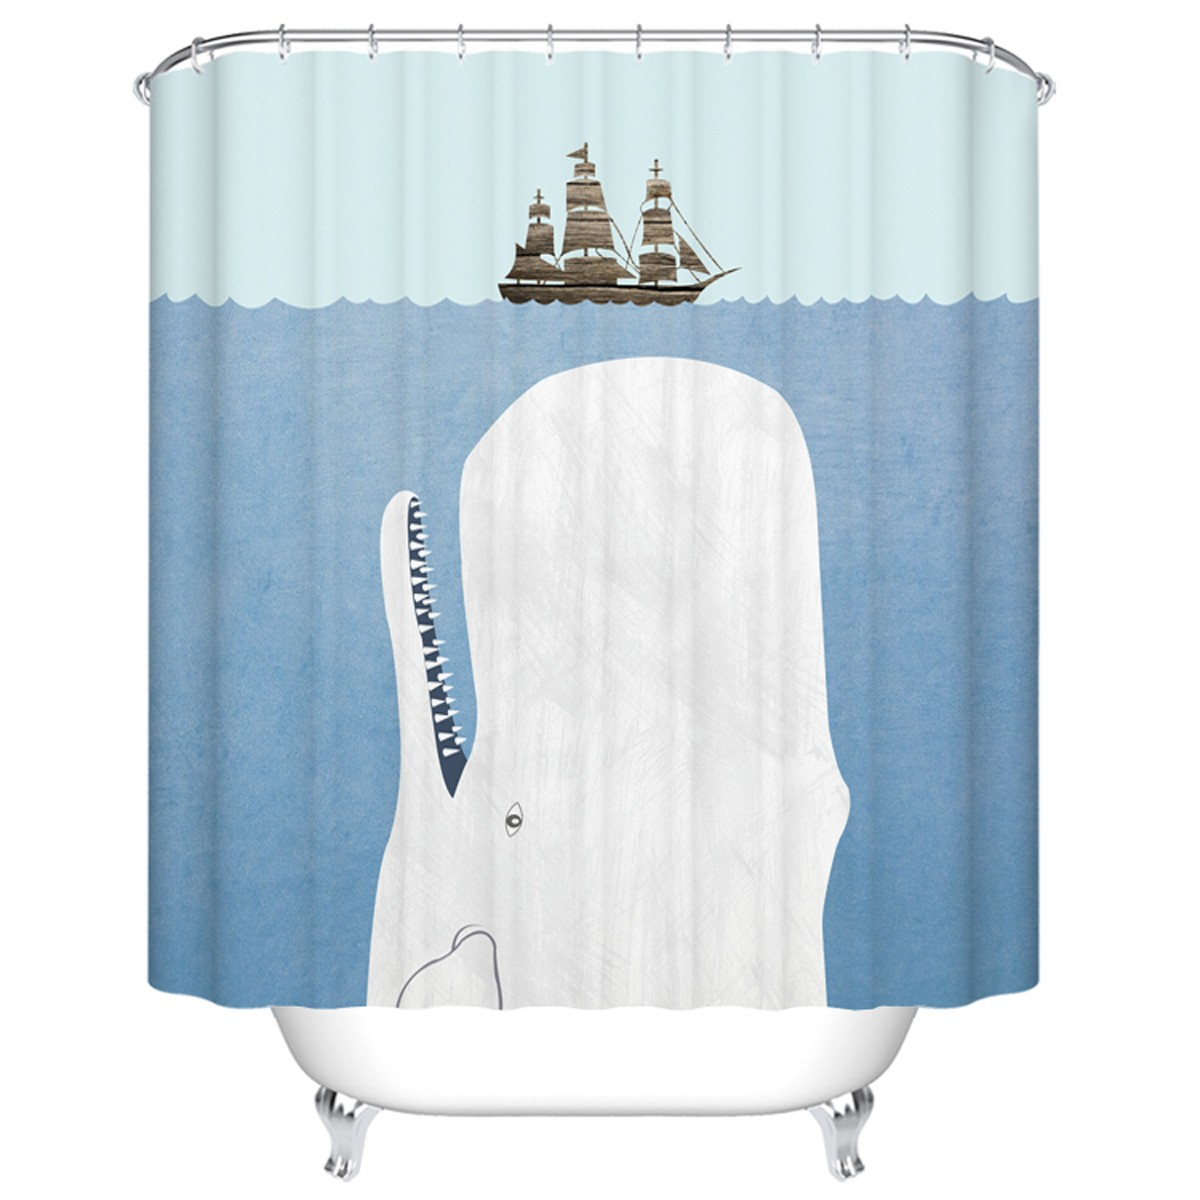 Rideau de douche imperm able pour salle de bain 70 l x for Rideau de douche tissu impermeable